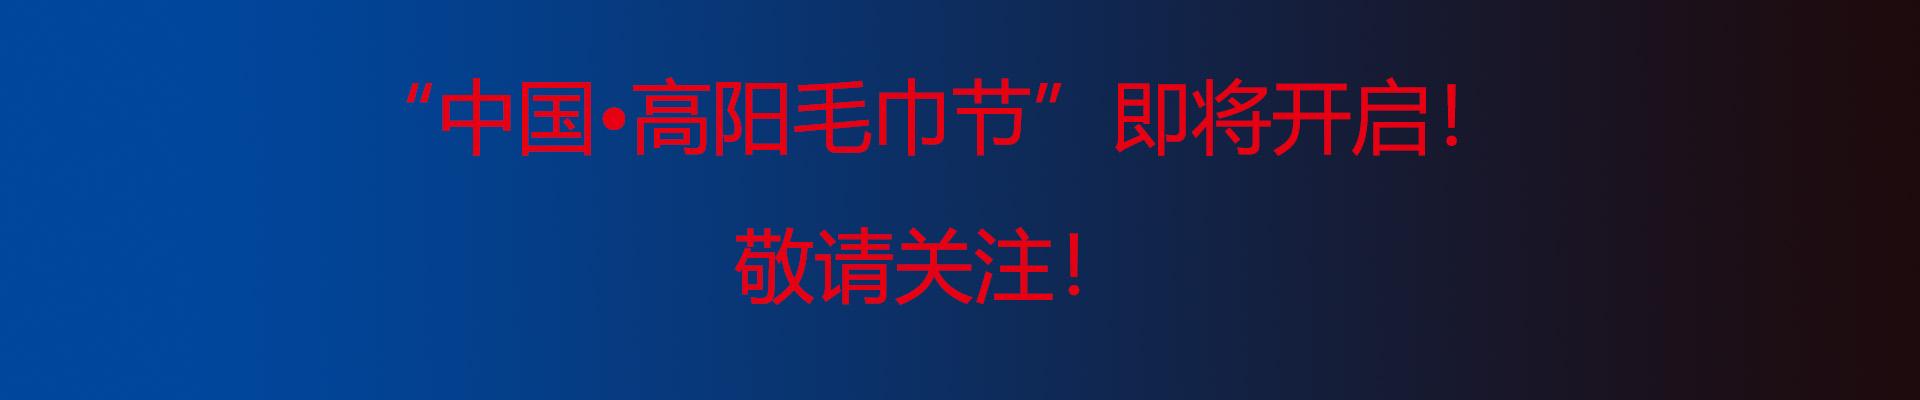 河北betway中文betway必威注册网址为您提供最好的服务!